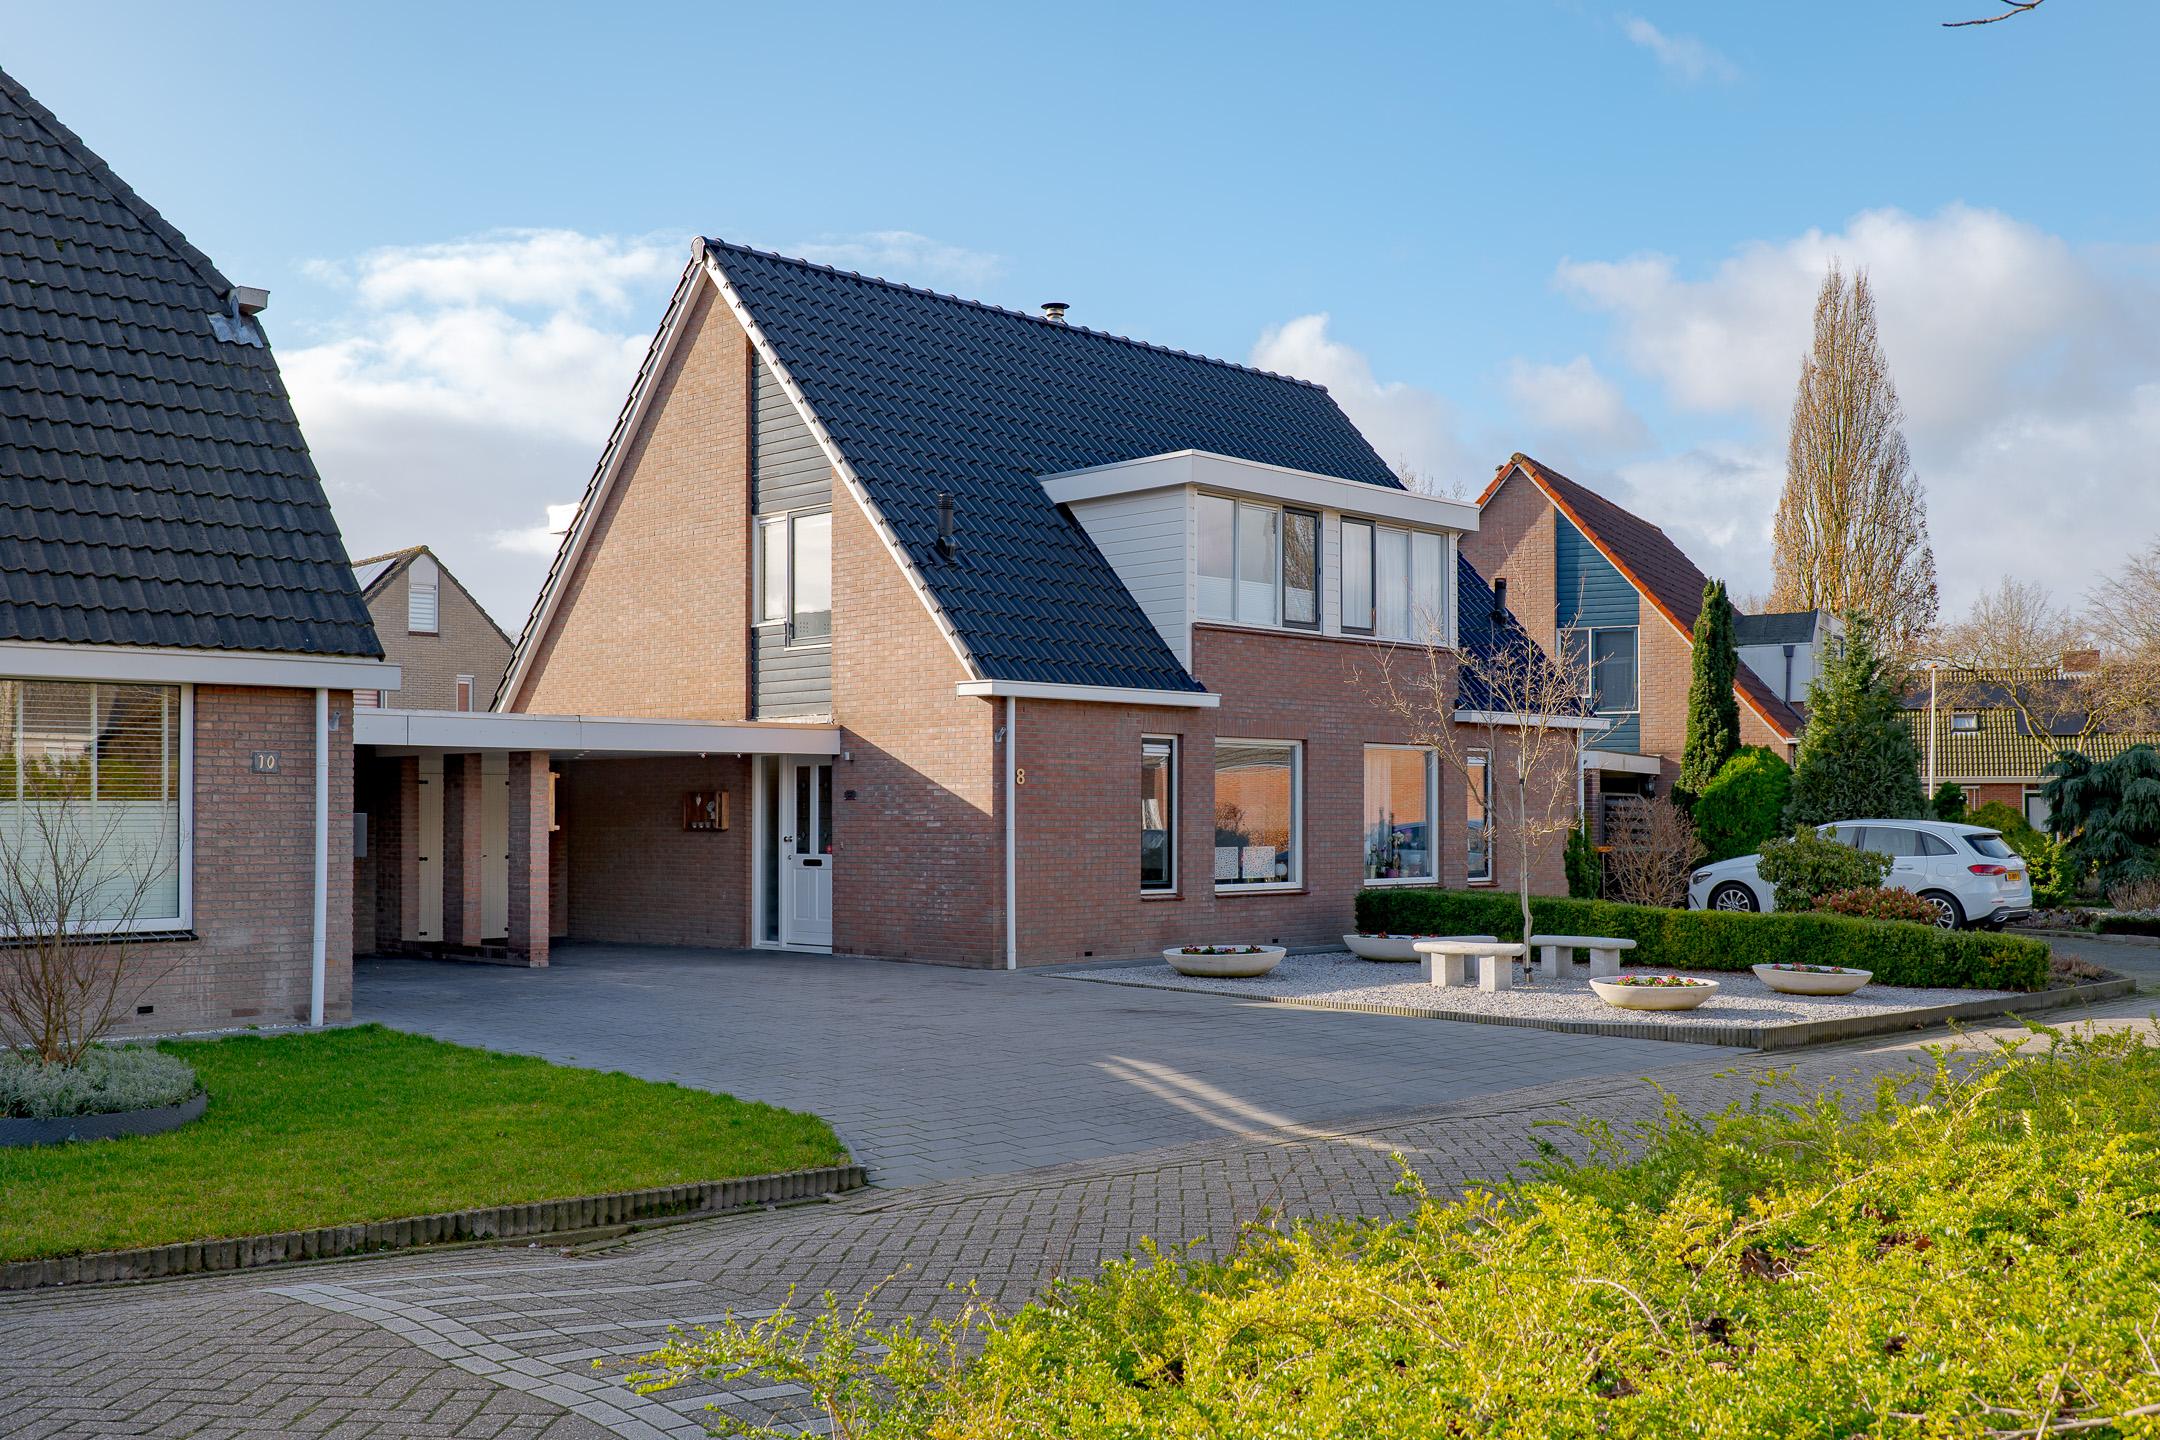 Proekshof 8, Drenthe, 1989 Bedrooms Bedrooms, ,5 BadkamerBadkamer,Twee onder een kap,Te koop,Proekshof,3,1143